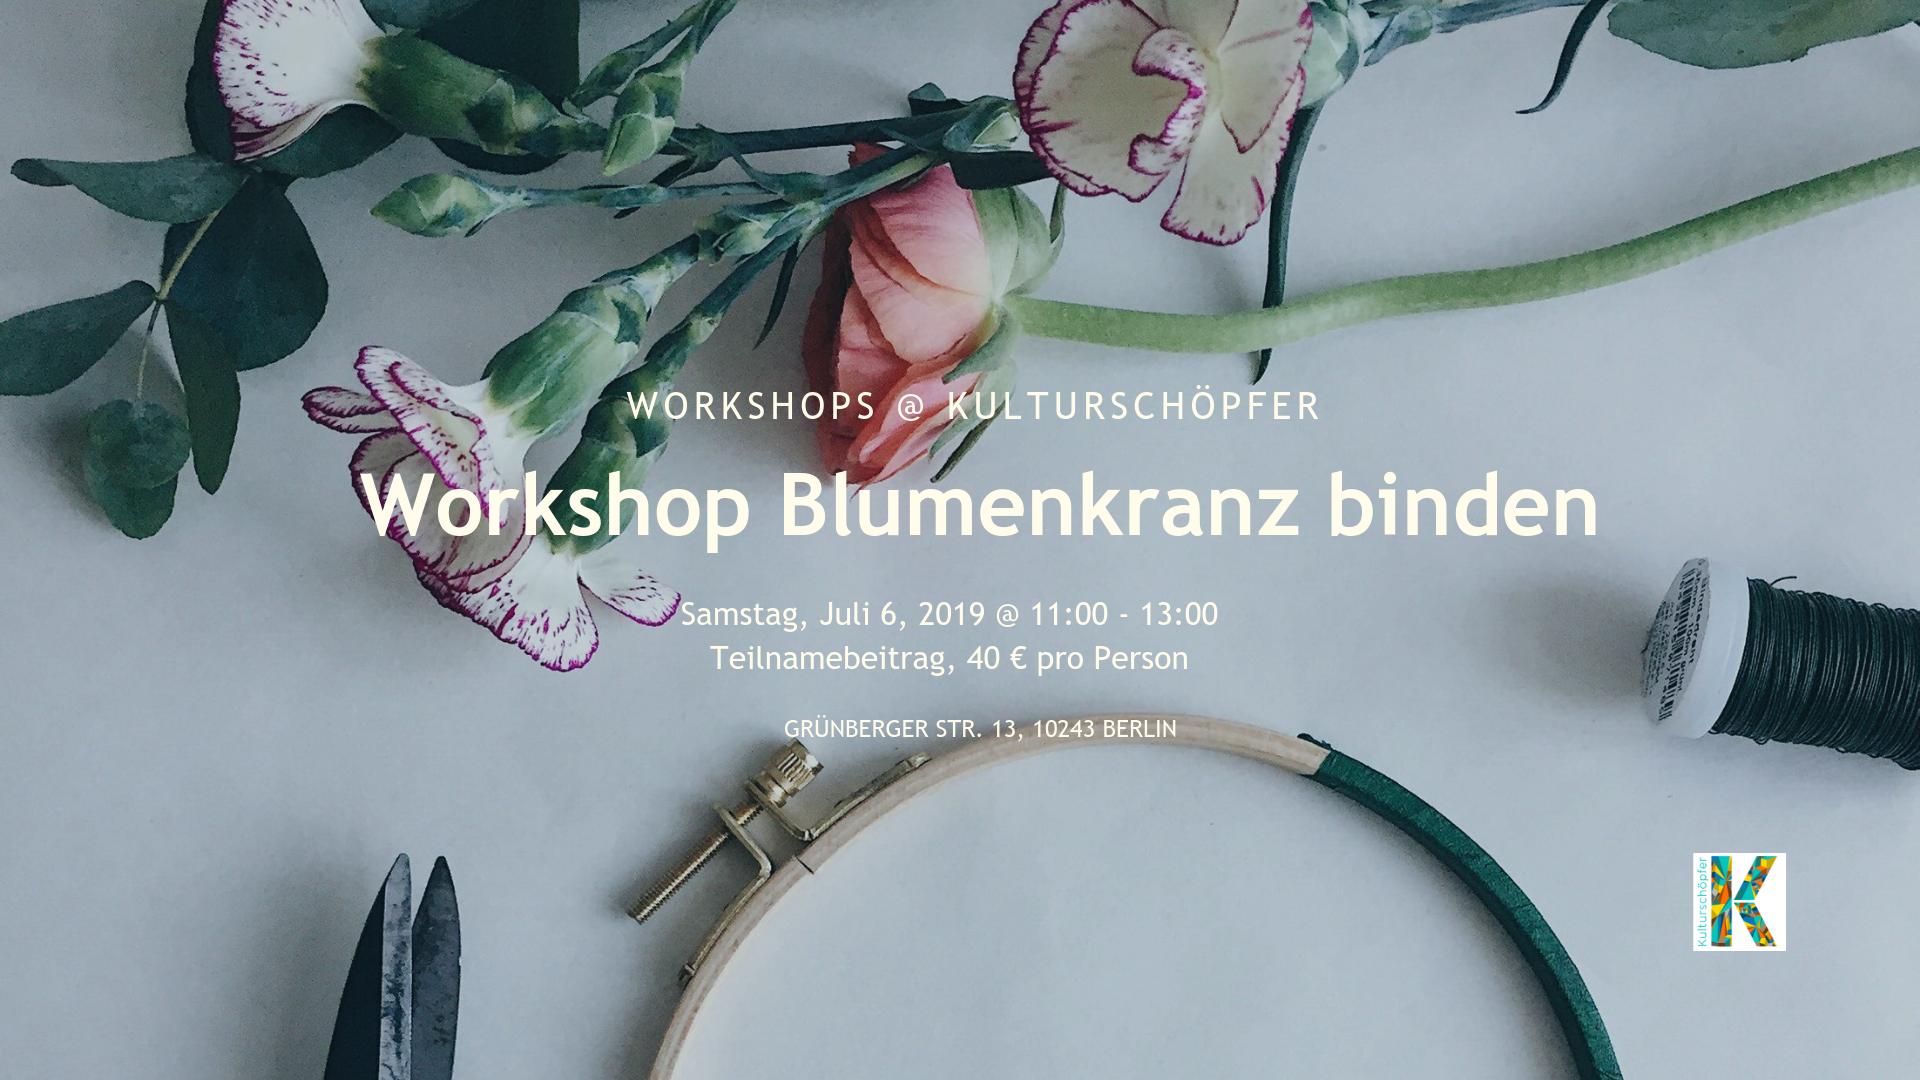 Workshop_Blumenkranz_binden.png